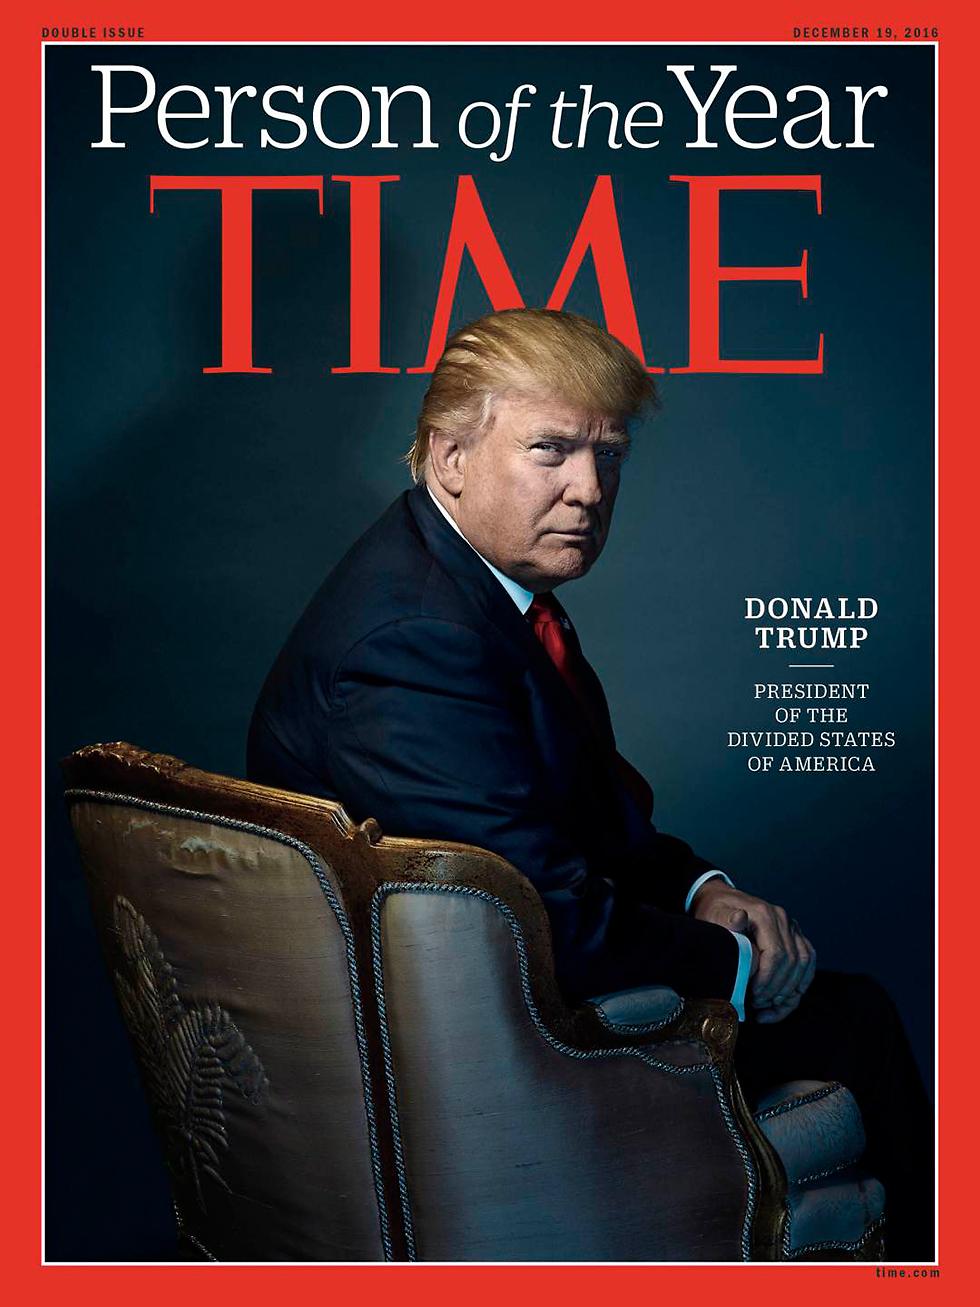 טראמפ על השער של המגזין בשנה שעברה